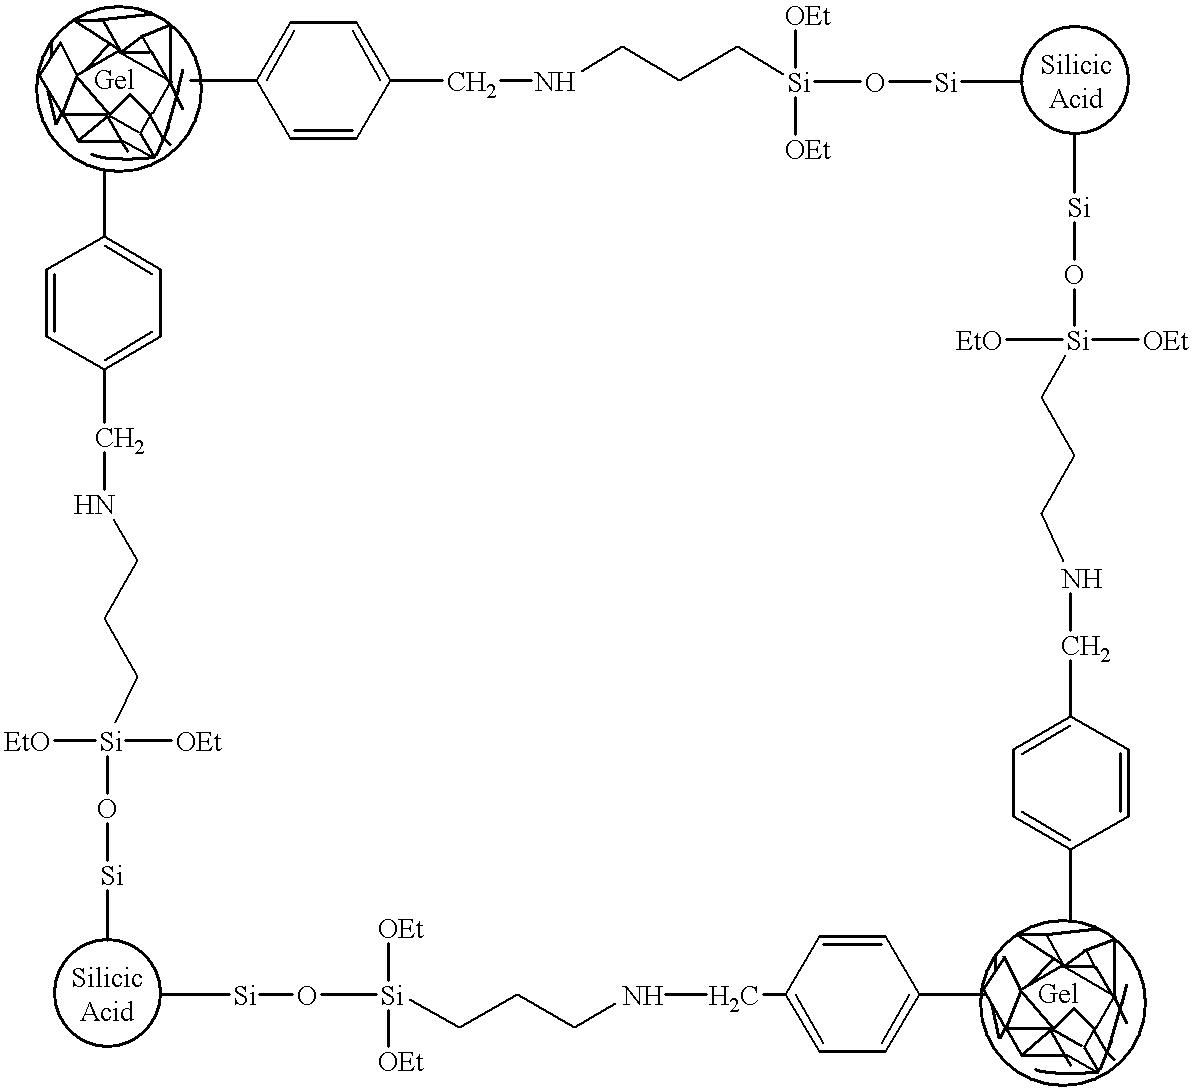 Figure US06207757-20010327-C00002